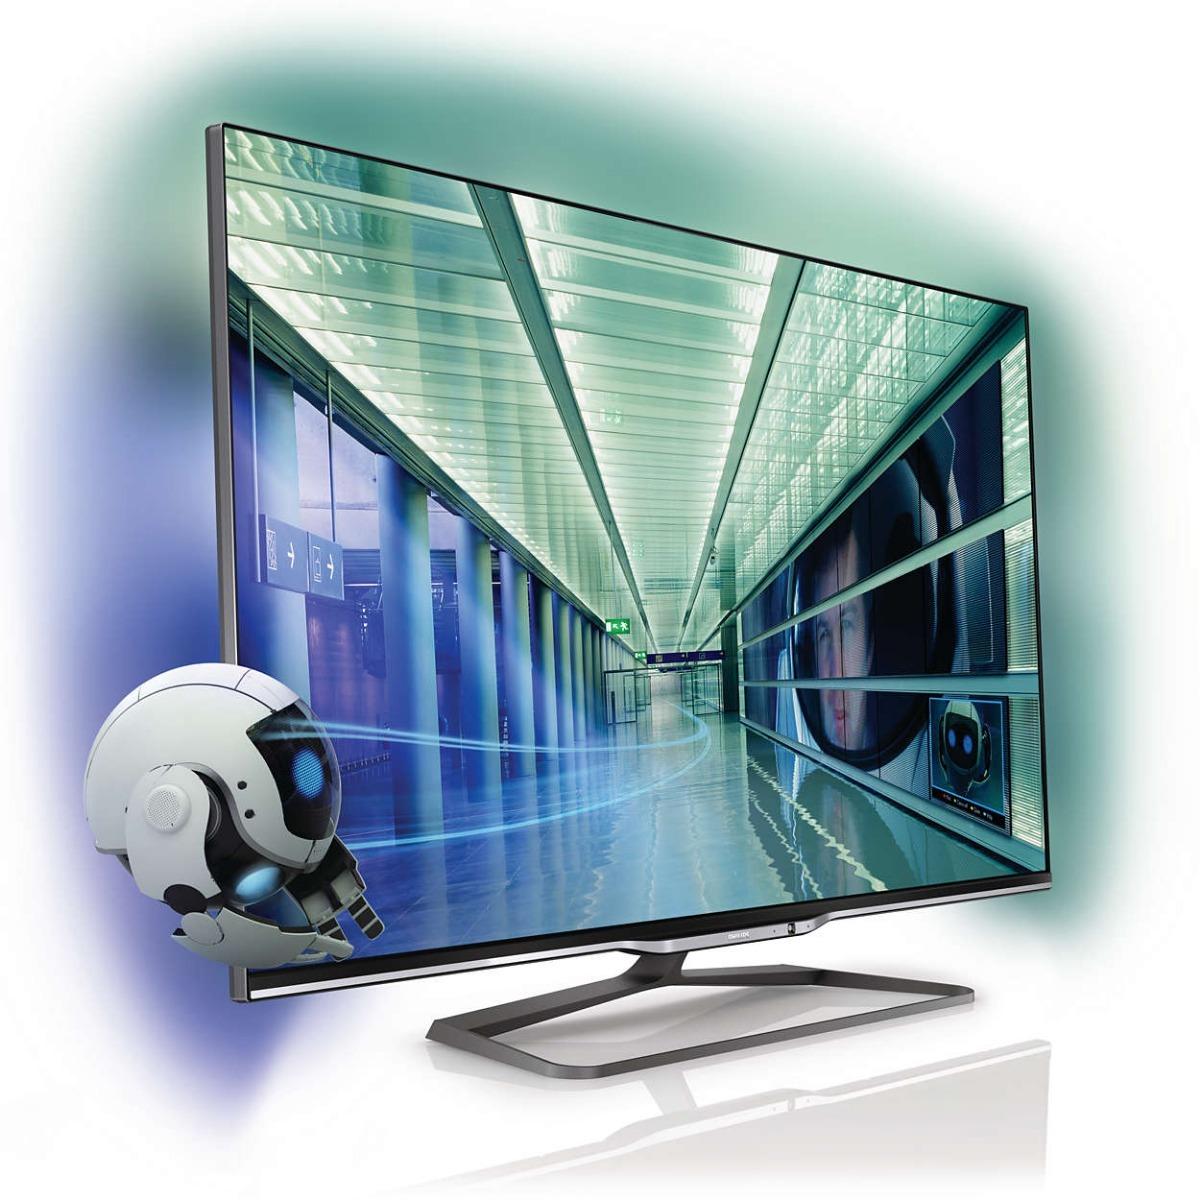 605cf6d97a0b0 led smart tv 3d 55 philips ultra delgado mod. 55pfl8008 77. Cargando zoom.